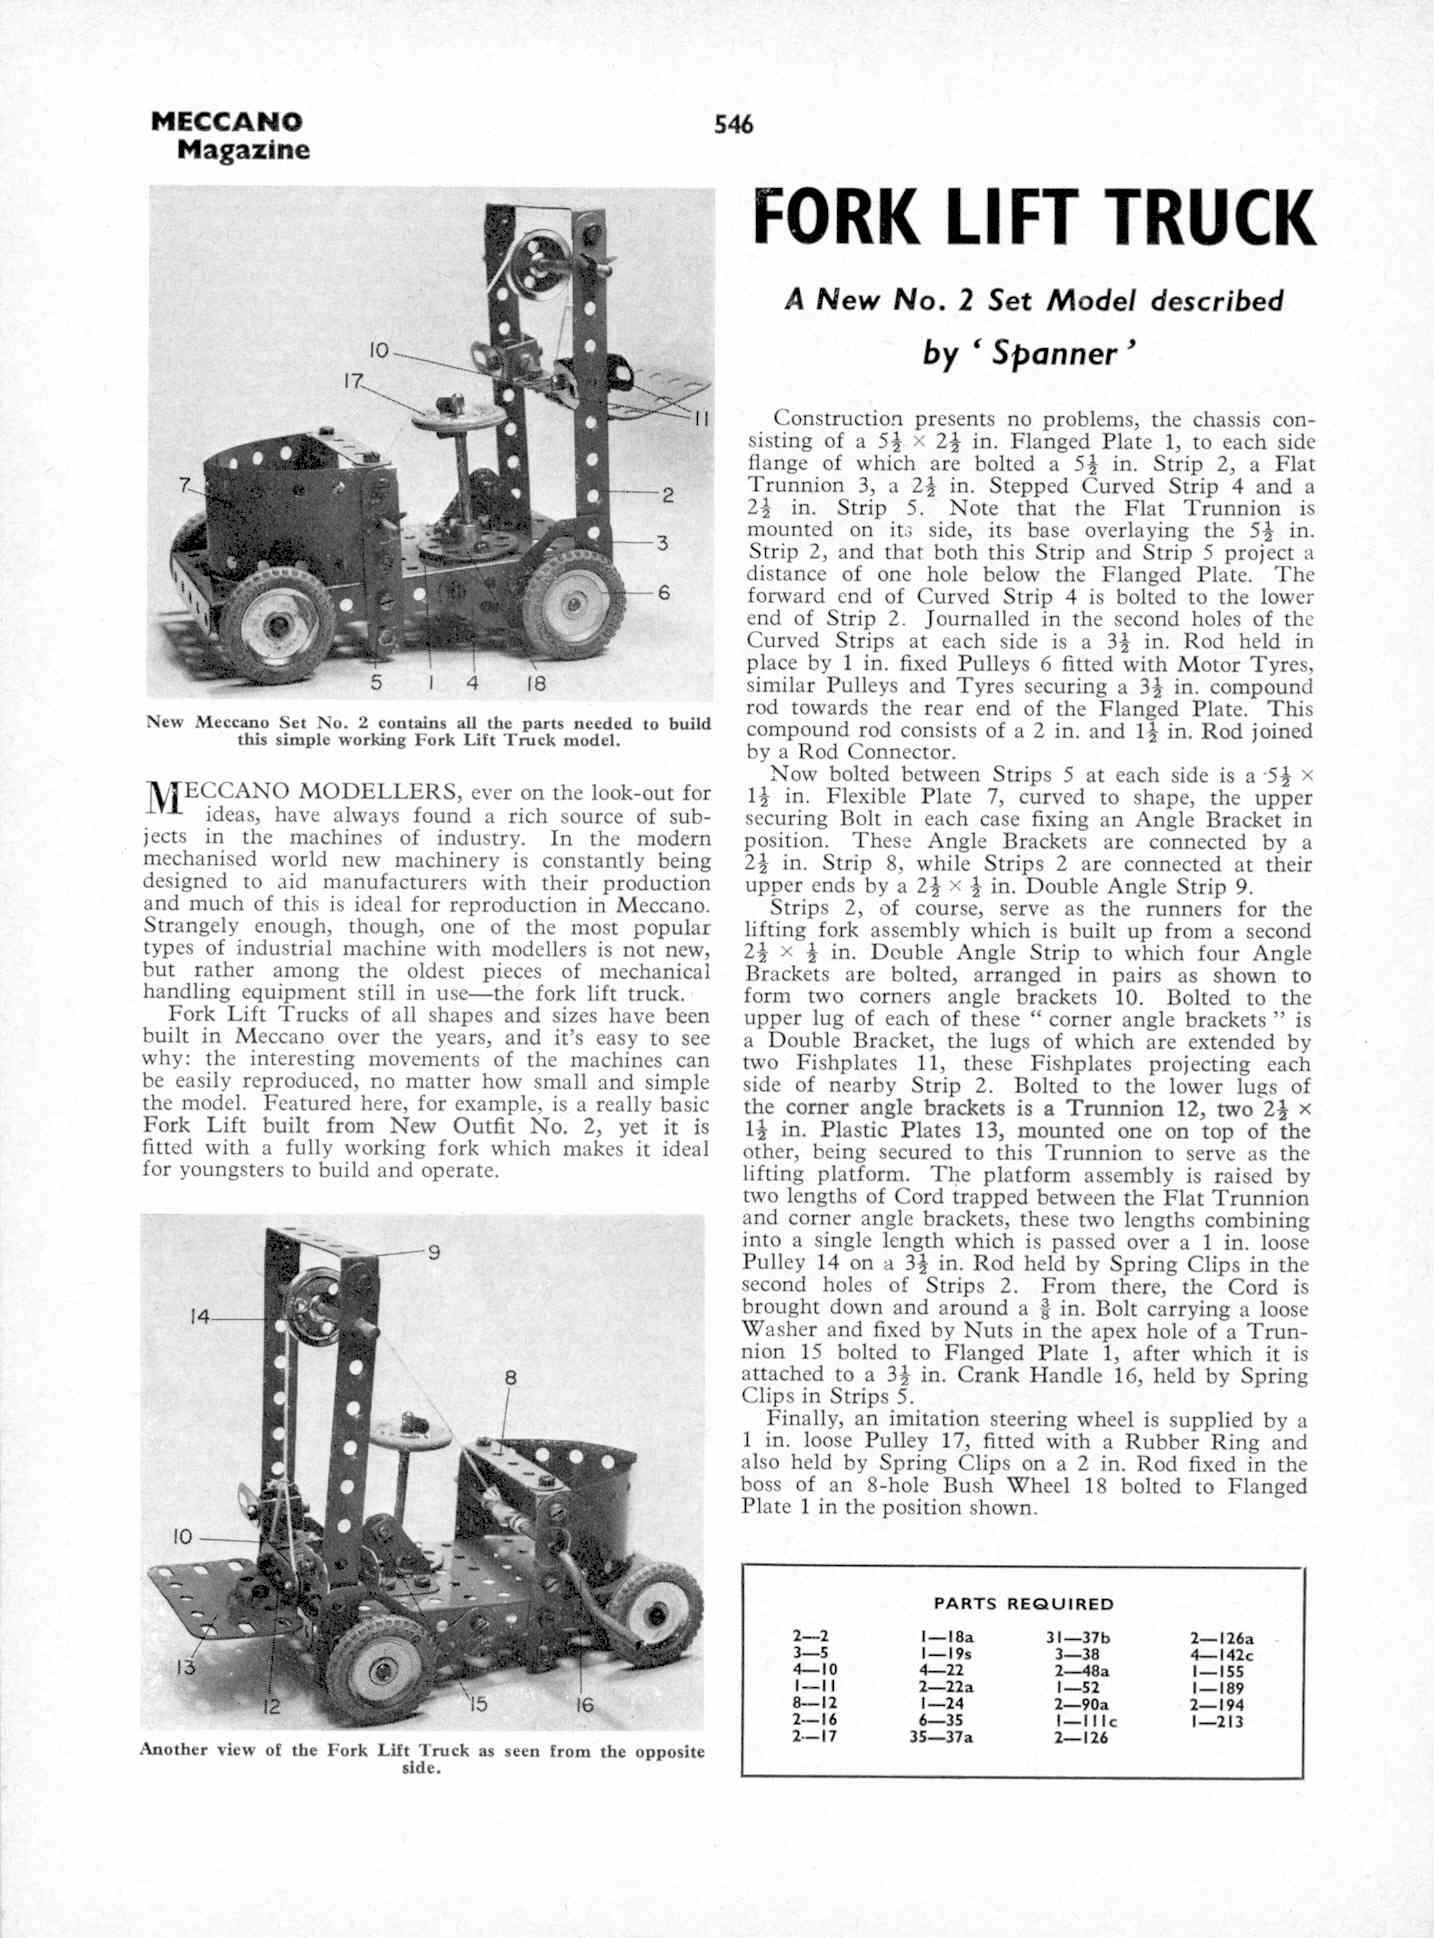 UK Meccano Magazine October 1970 Page 546